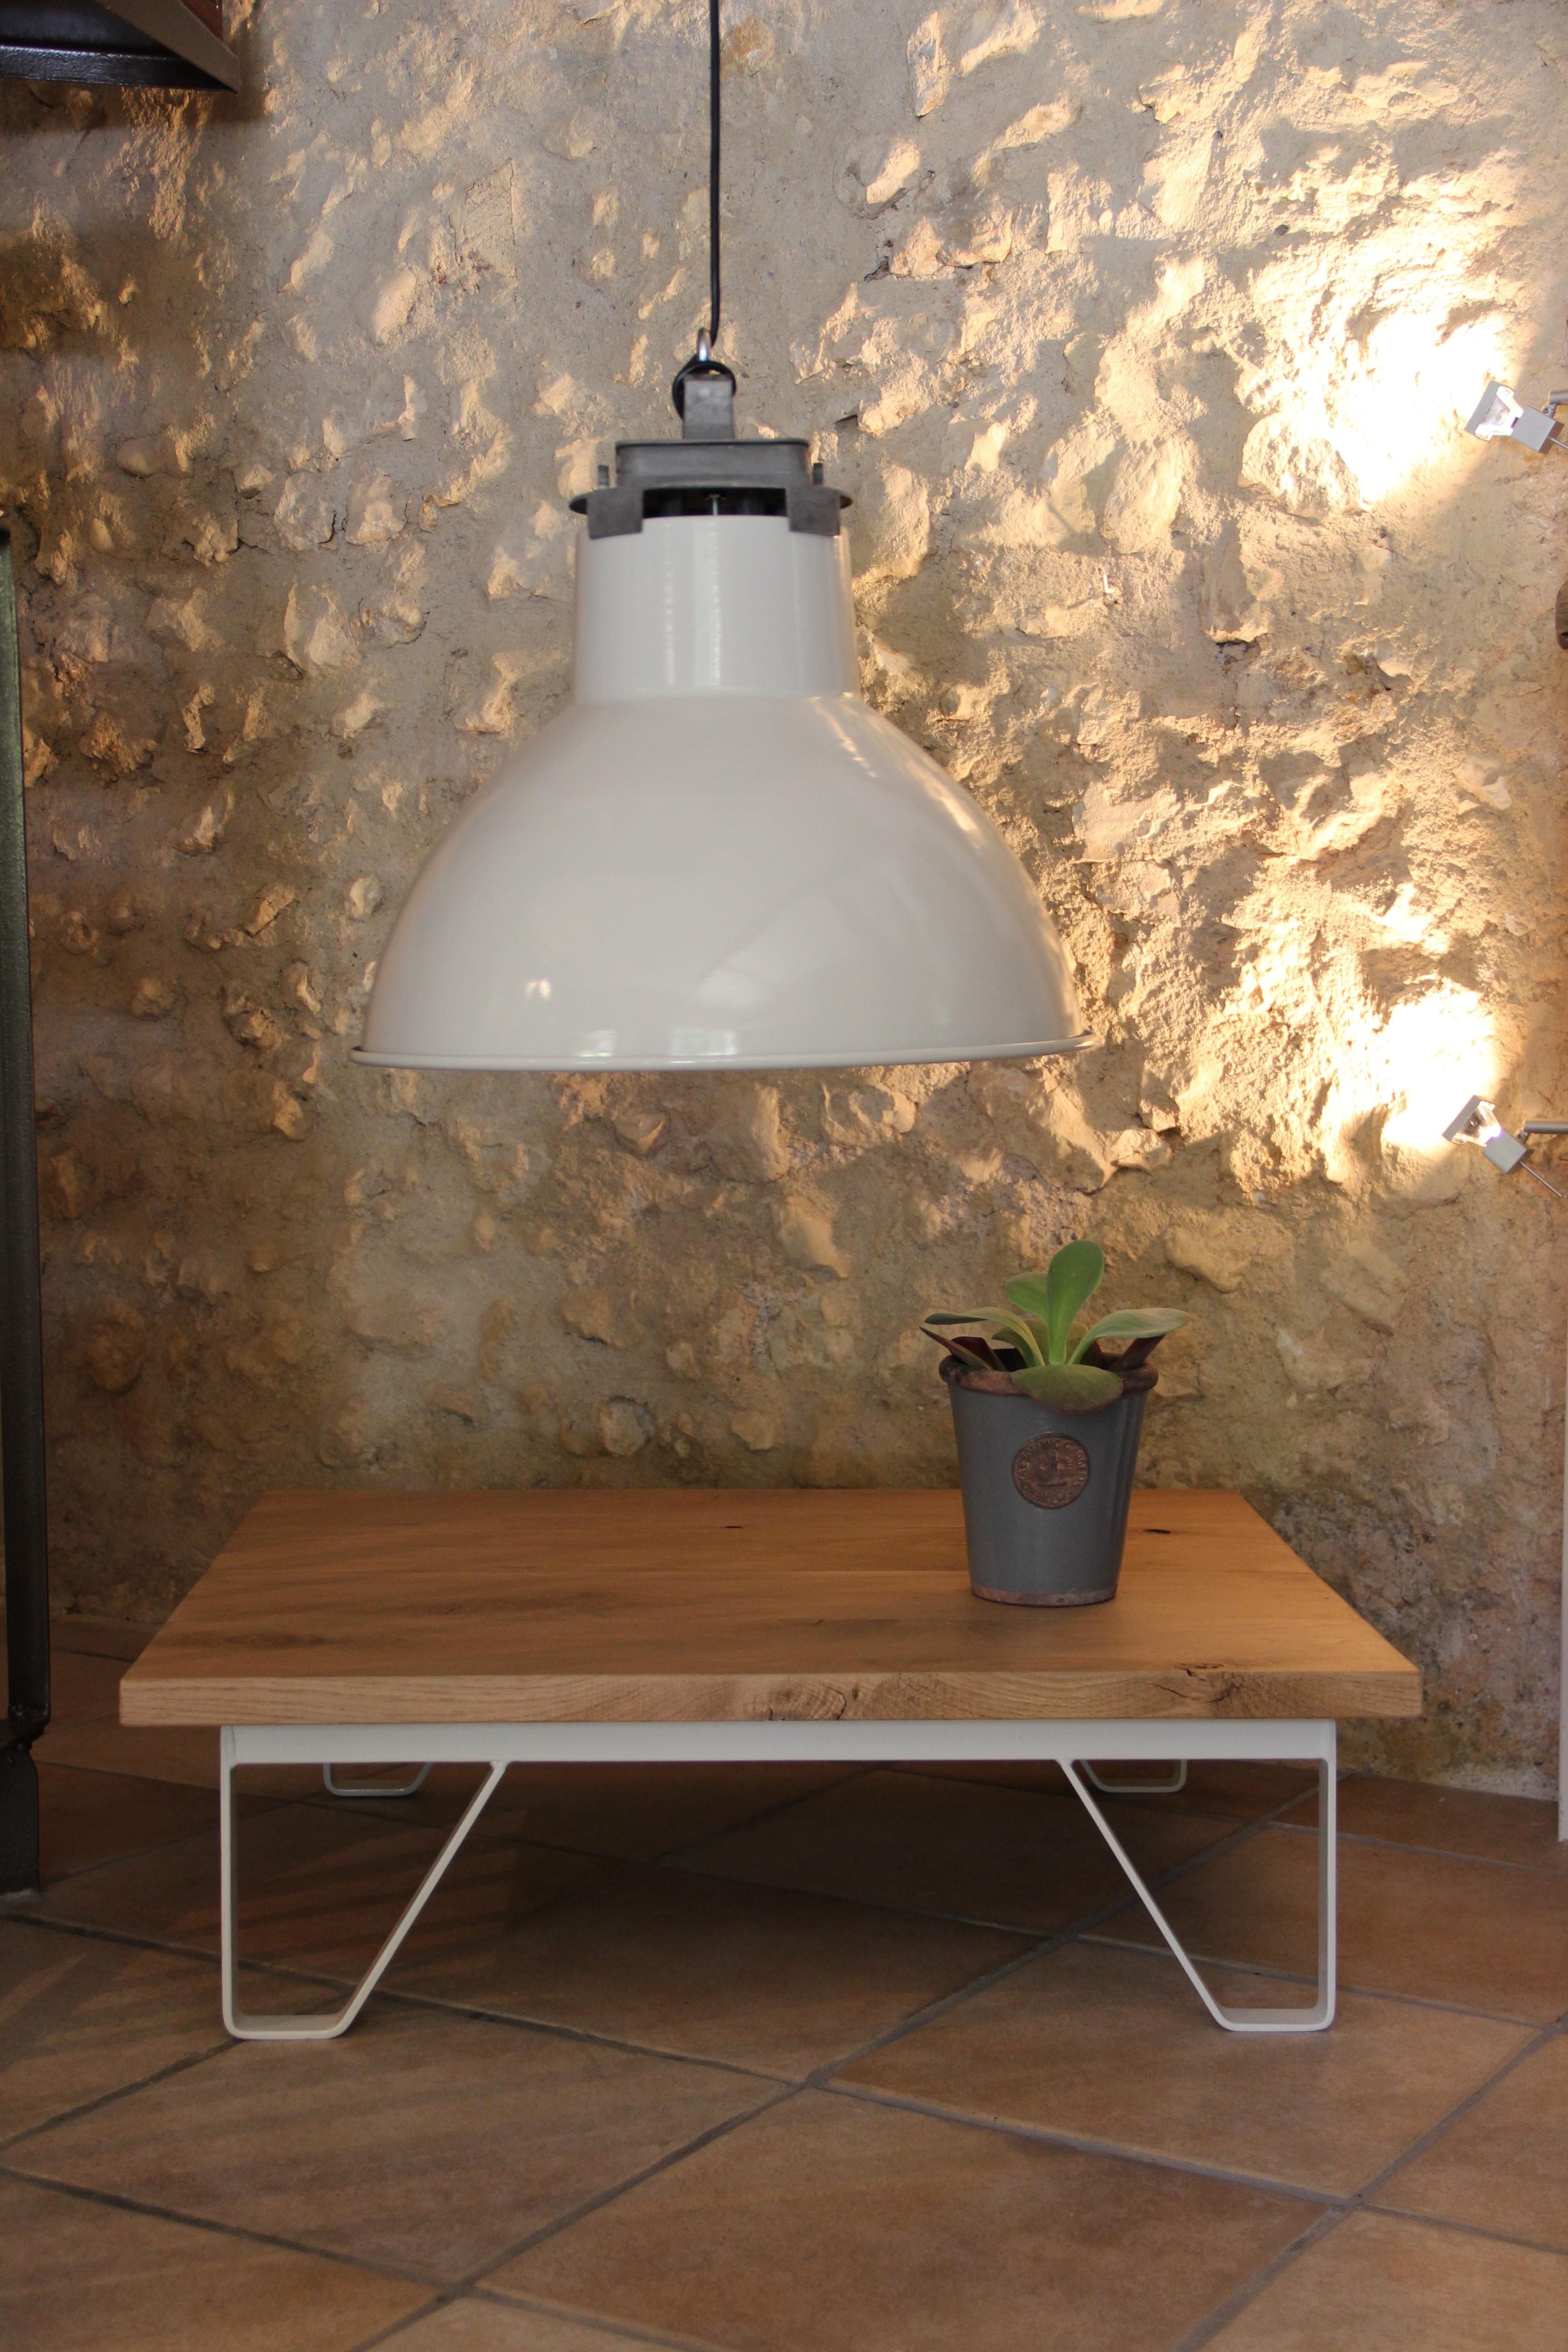 du c t de l 39 atelier suspension industrielle vintage mazda dispo aussi en noire pour un. Black Bedroom Furniture Sets. Home Design Ideas